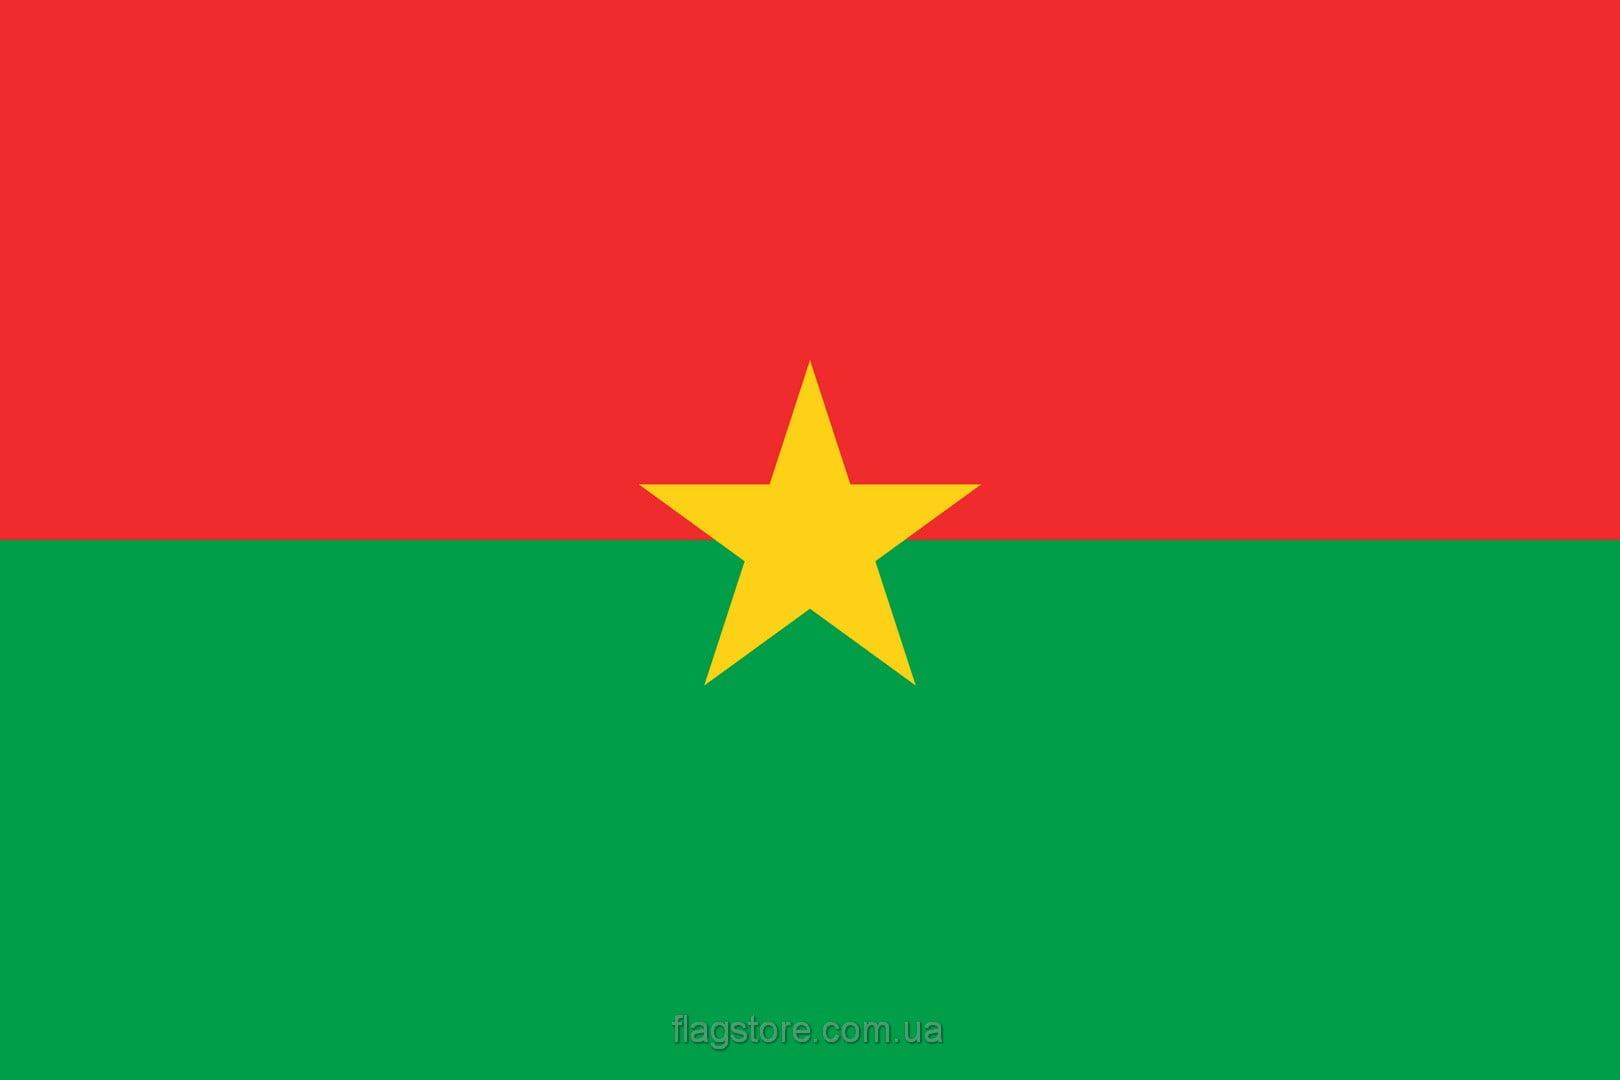 Купить флаг страны Буркина-Фасо